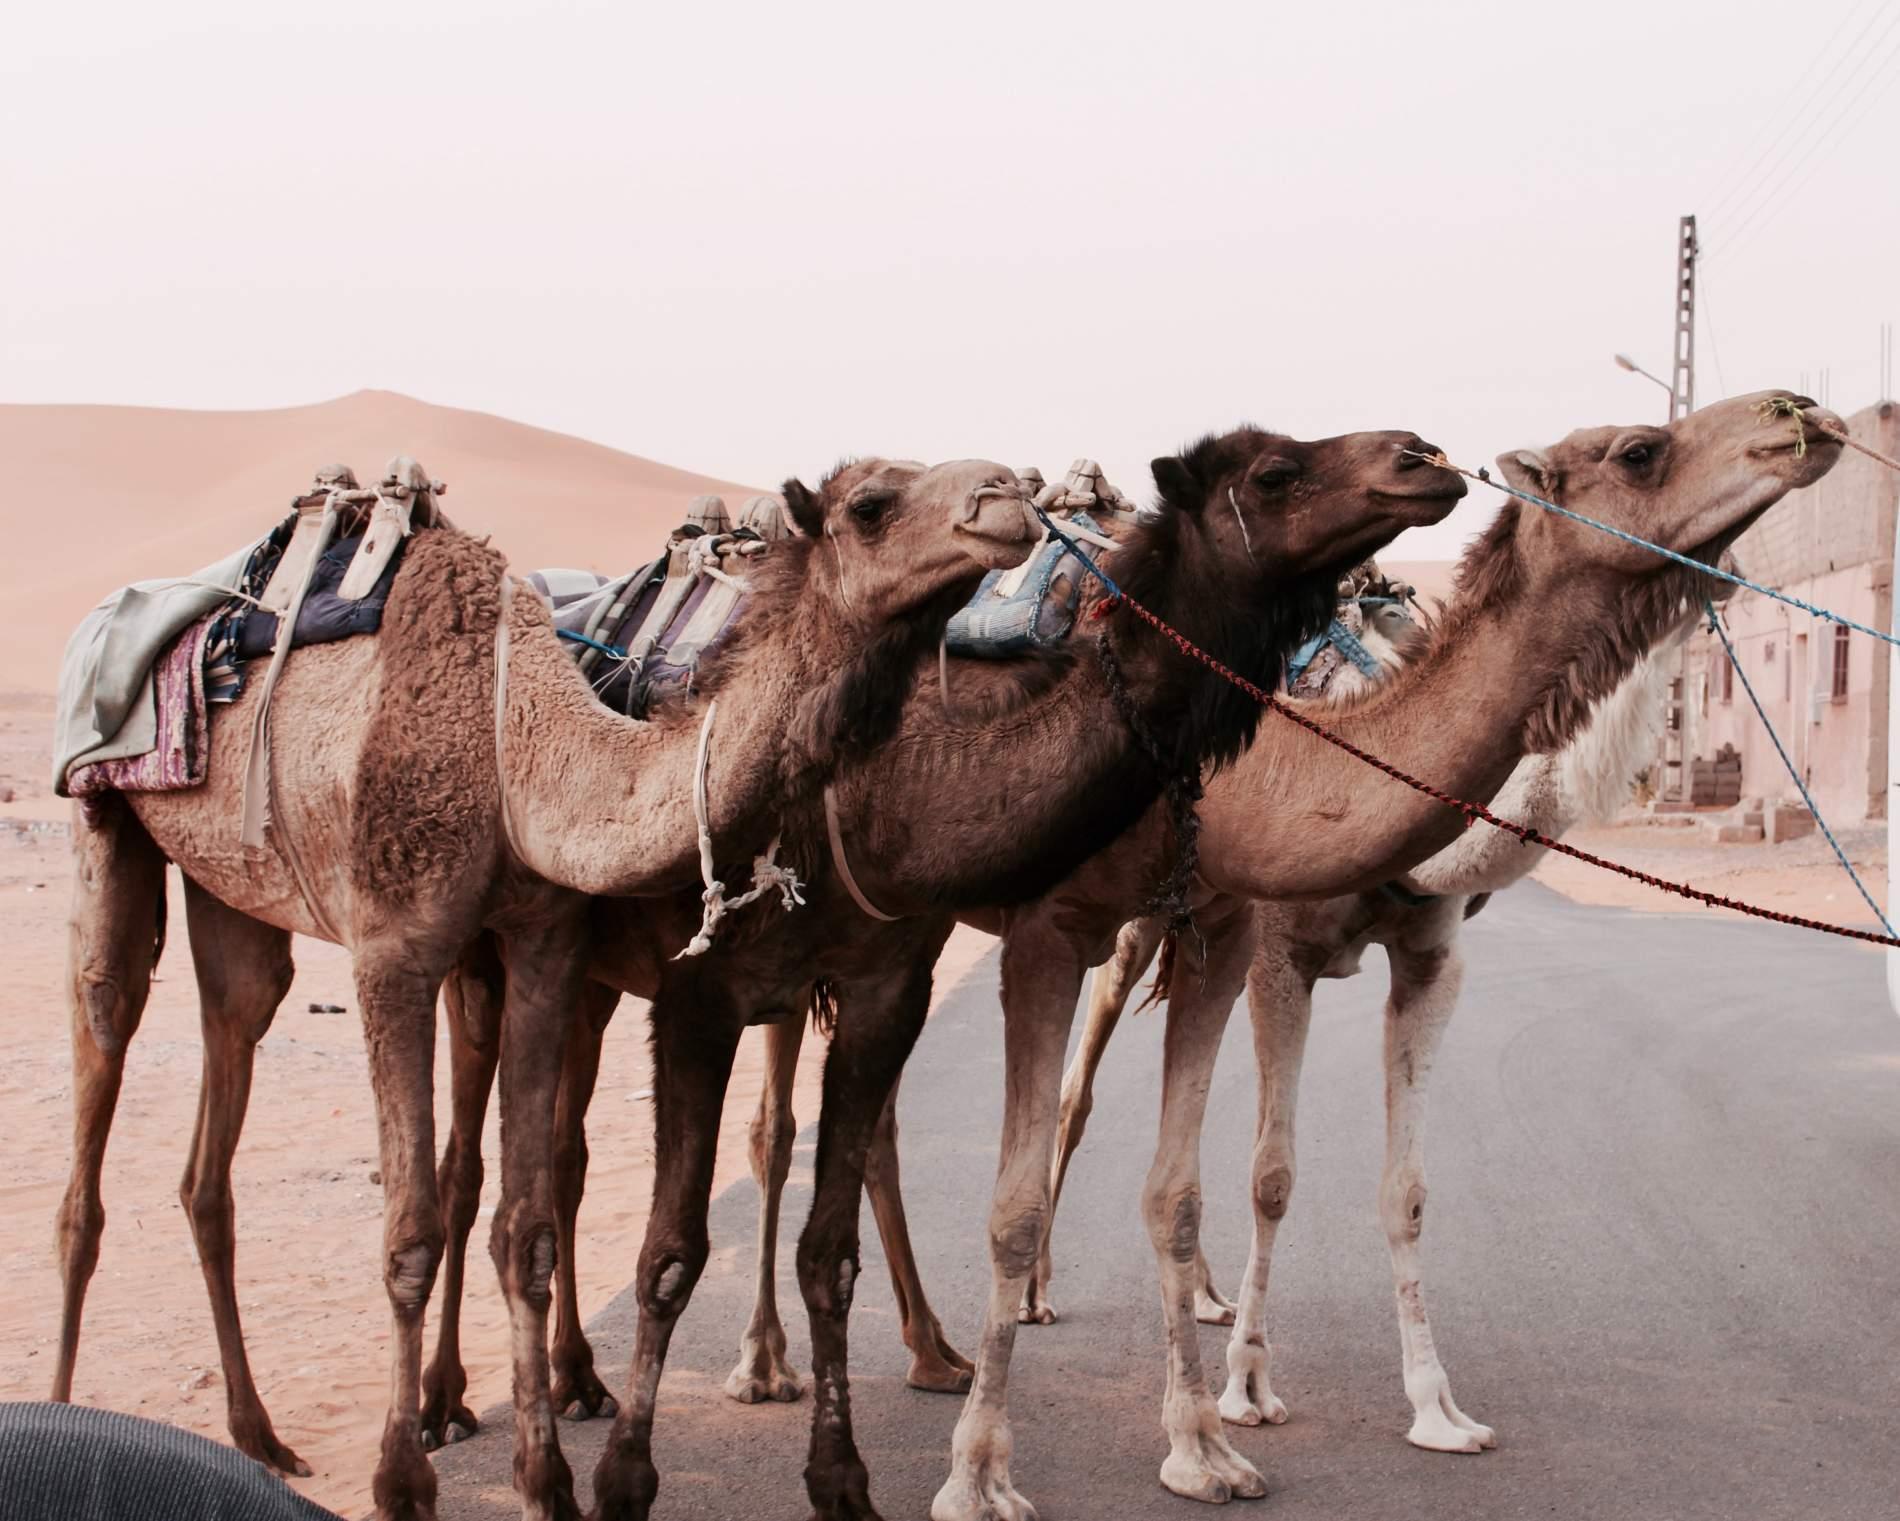 Cómo logré viajar a Argelia: desde Constantine, pasando por Ghardaia hasta la capital Argel